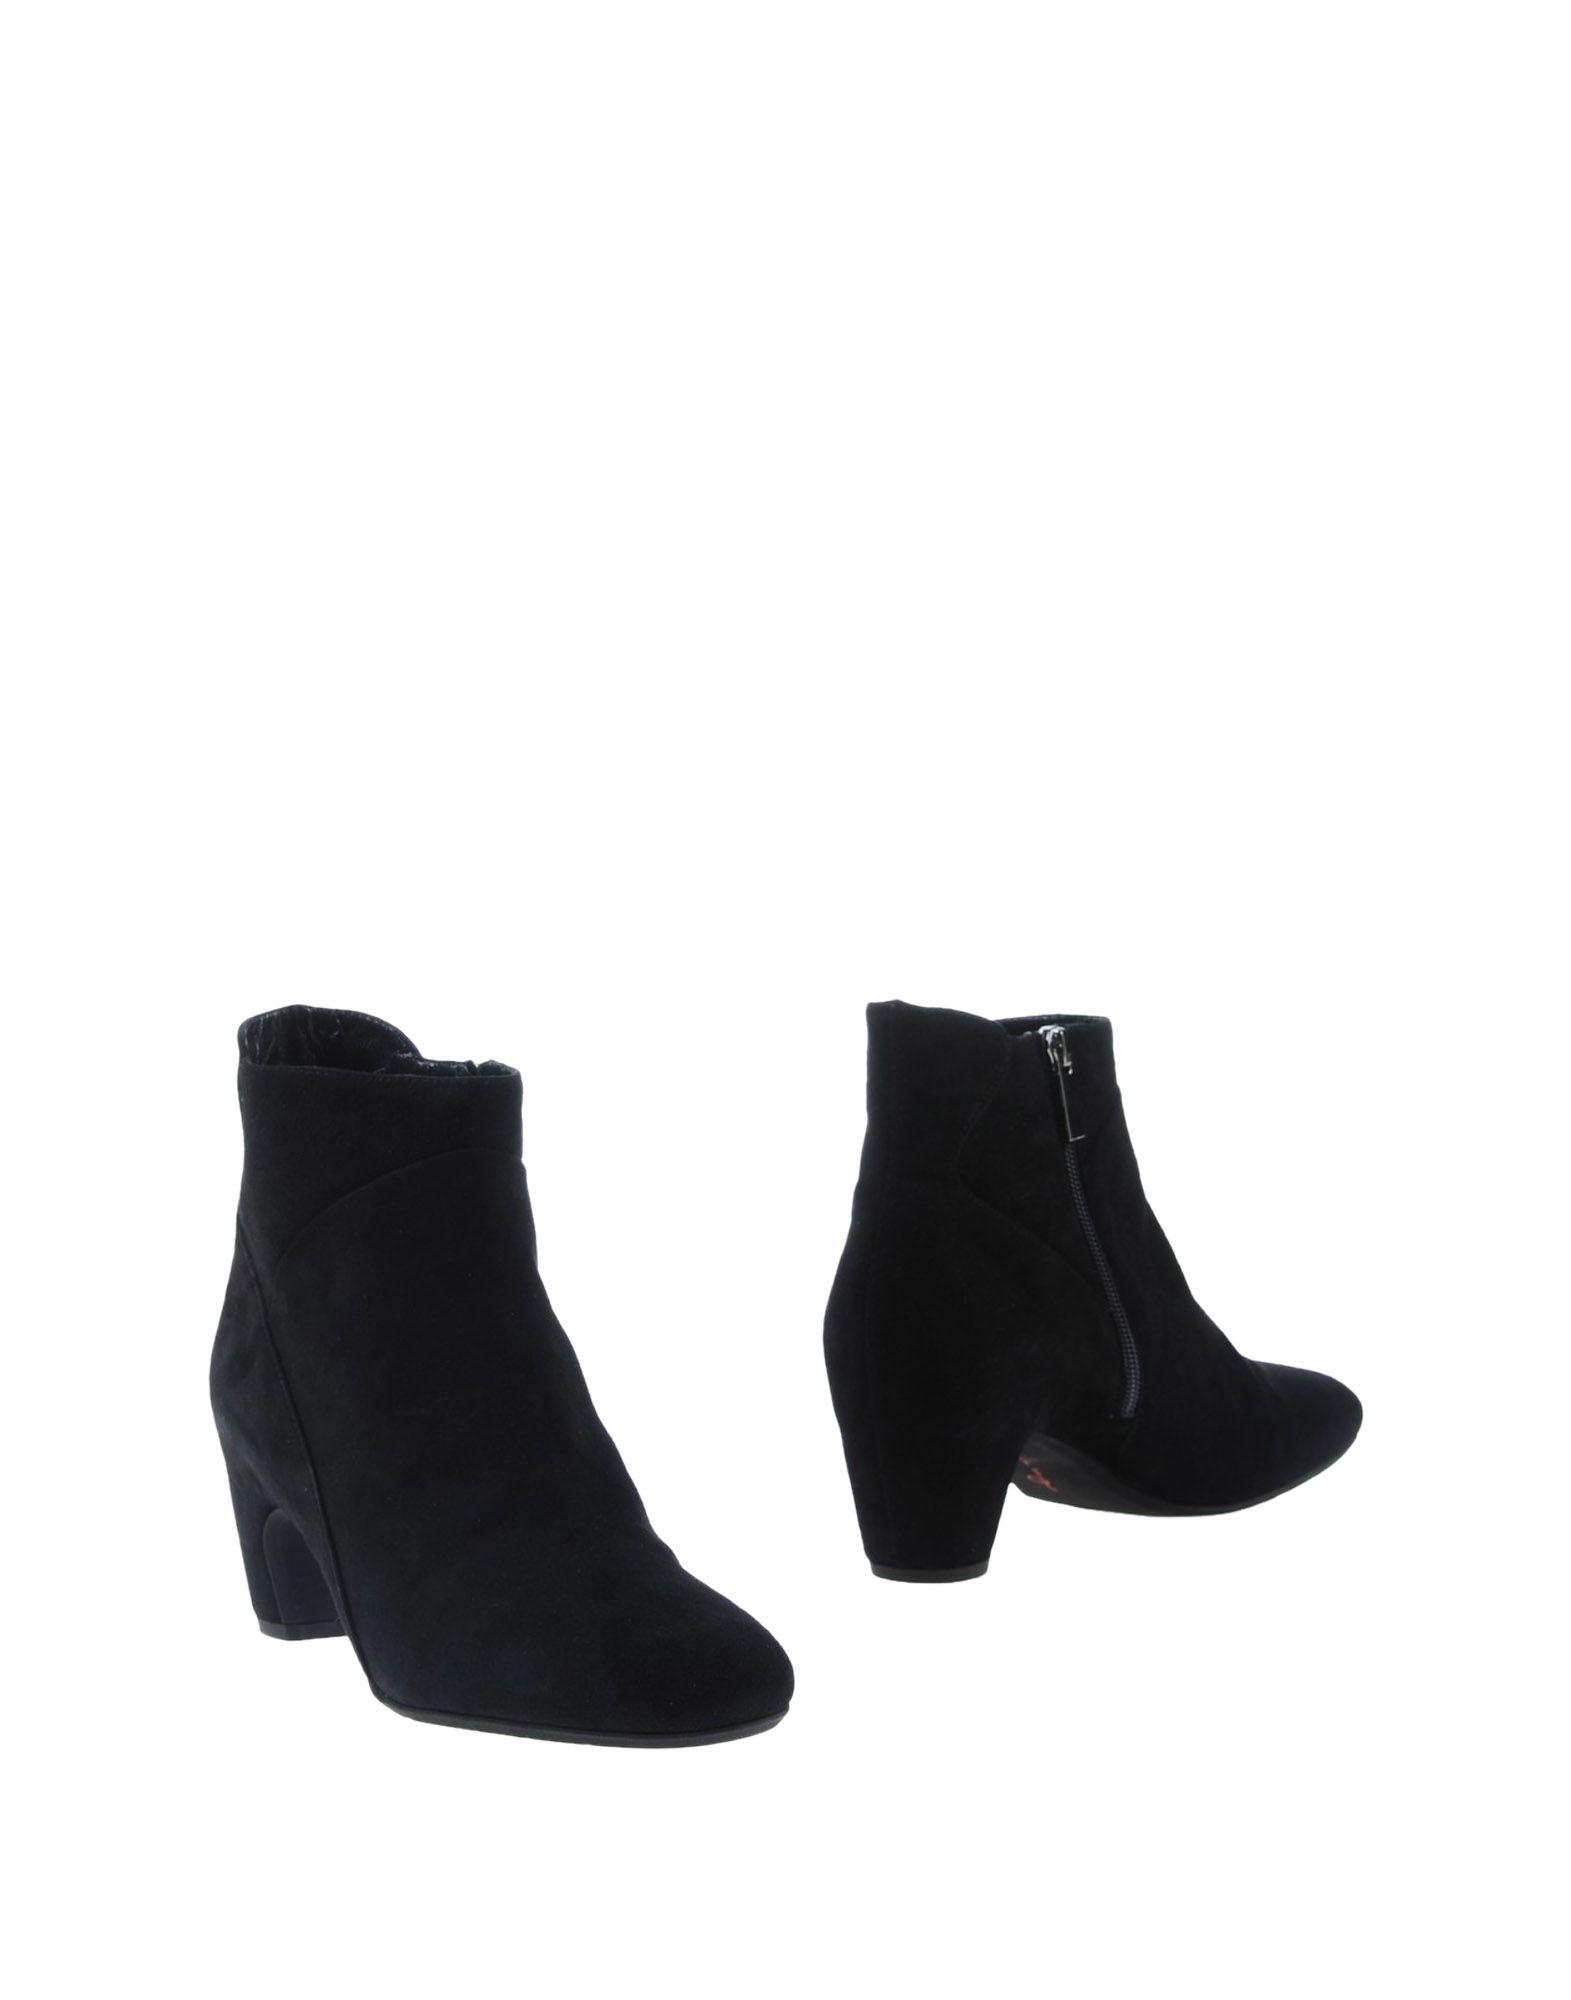 Pas De Rouge Pas Ankle Boot - Women Pas Rouge De Rouge Ankle Boots online on  Canada - 11337851XG 616e37